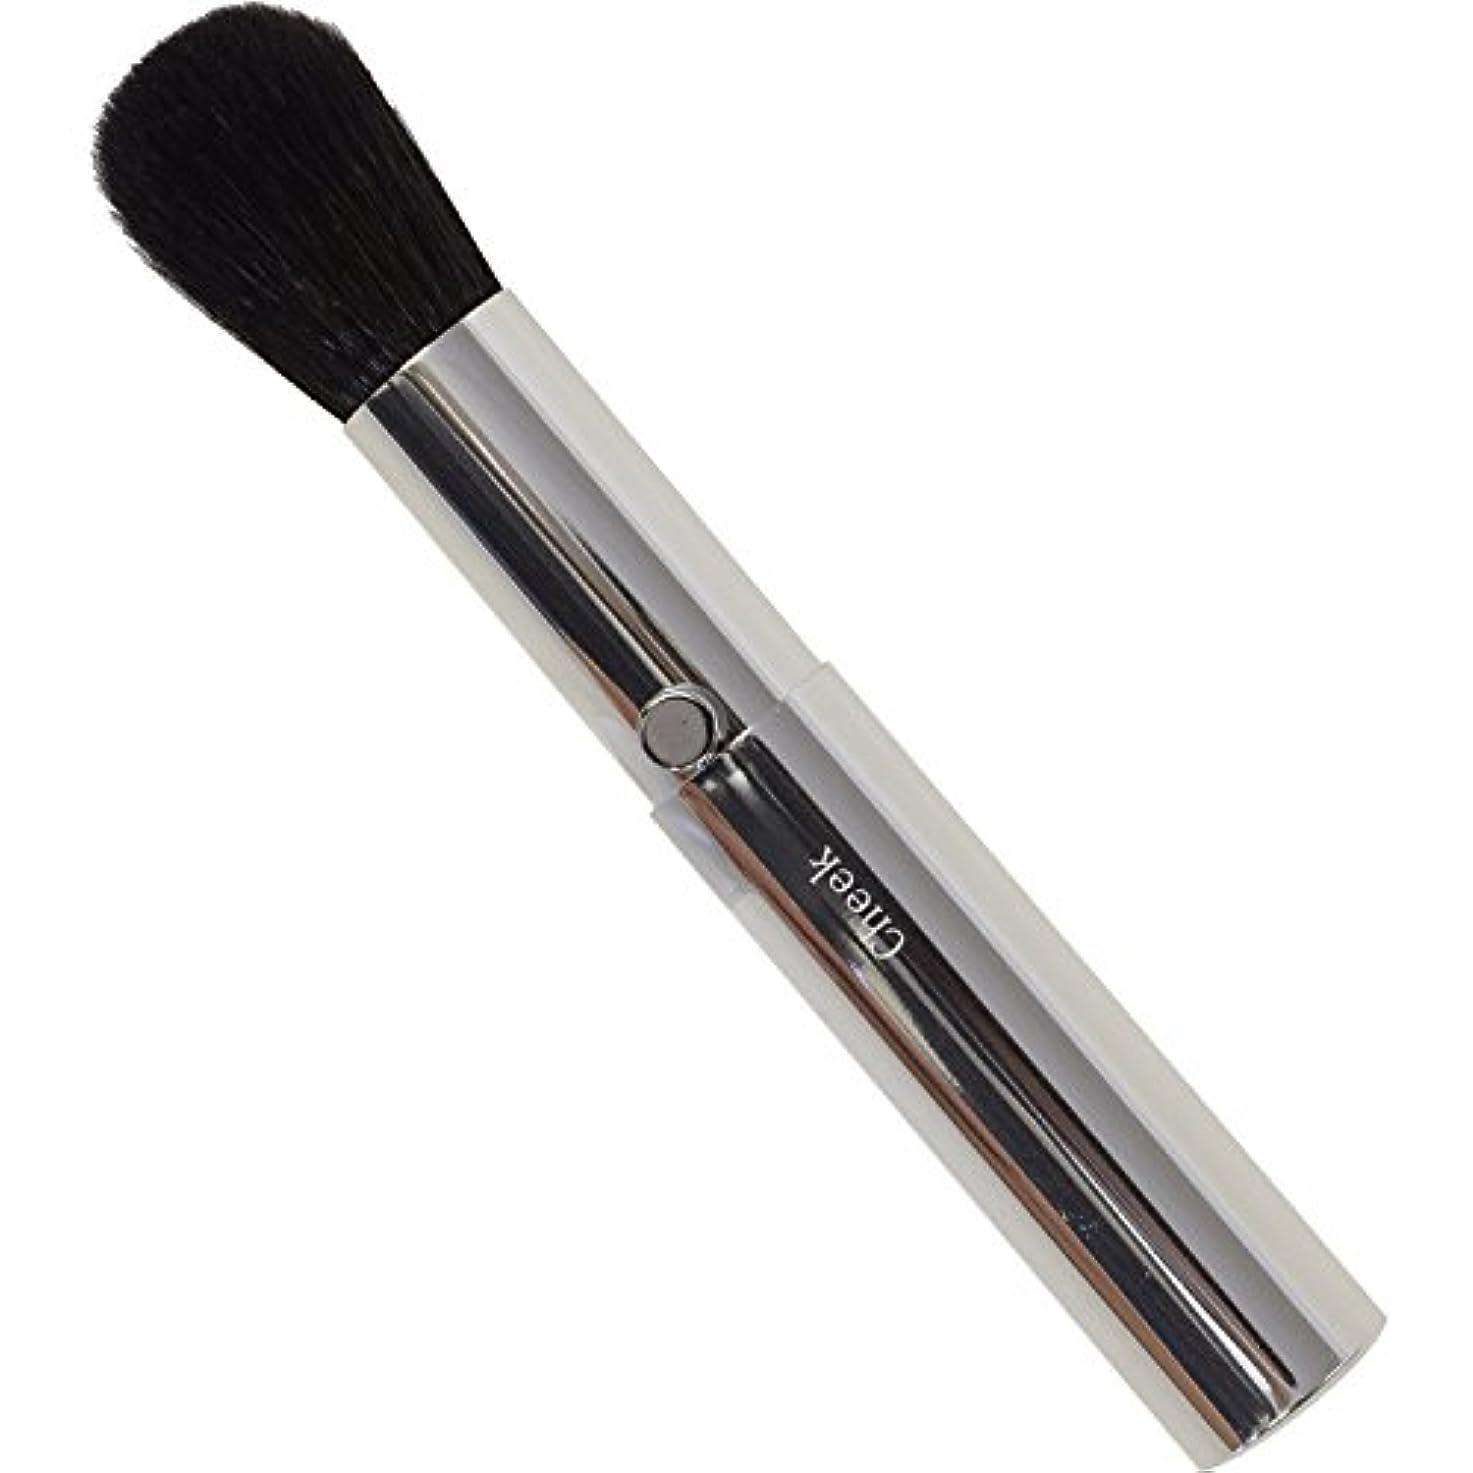 億見つけるはっきりしないSSS-C2 六角館さくら堂 スタイリッシュシンプルチークブラシ 粗光峰100% 高品質のスライドタイプ化粧筆